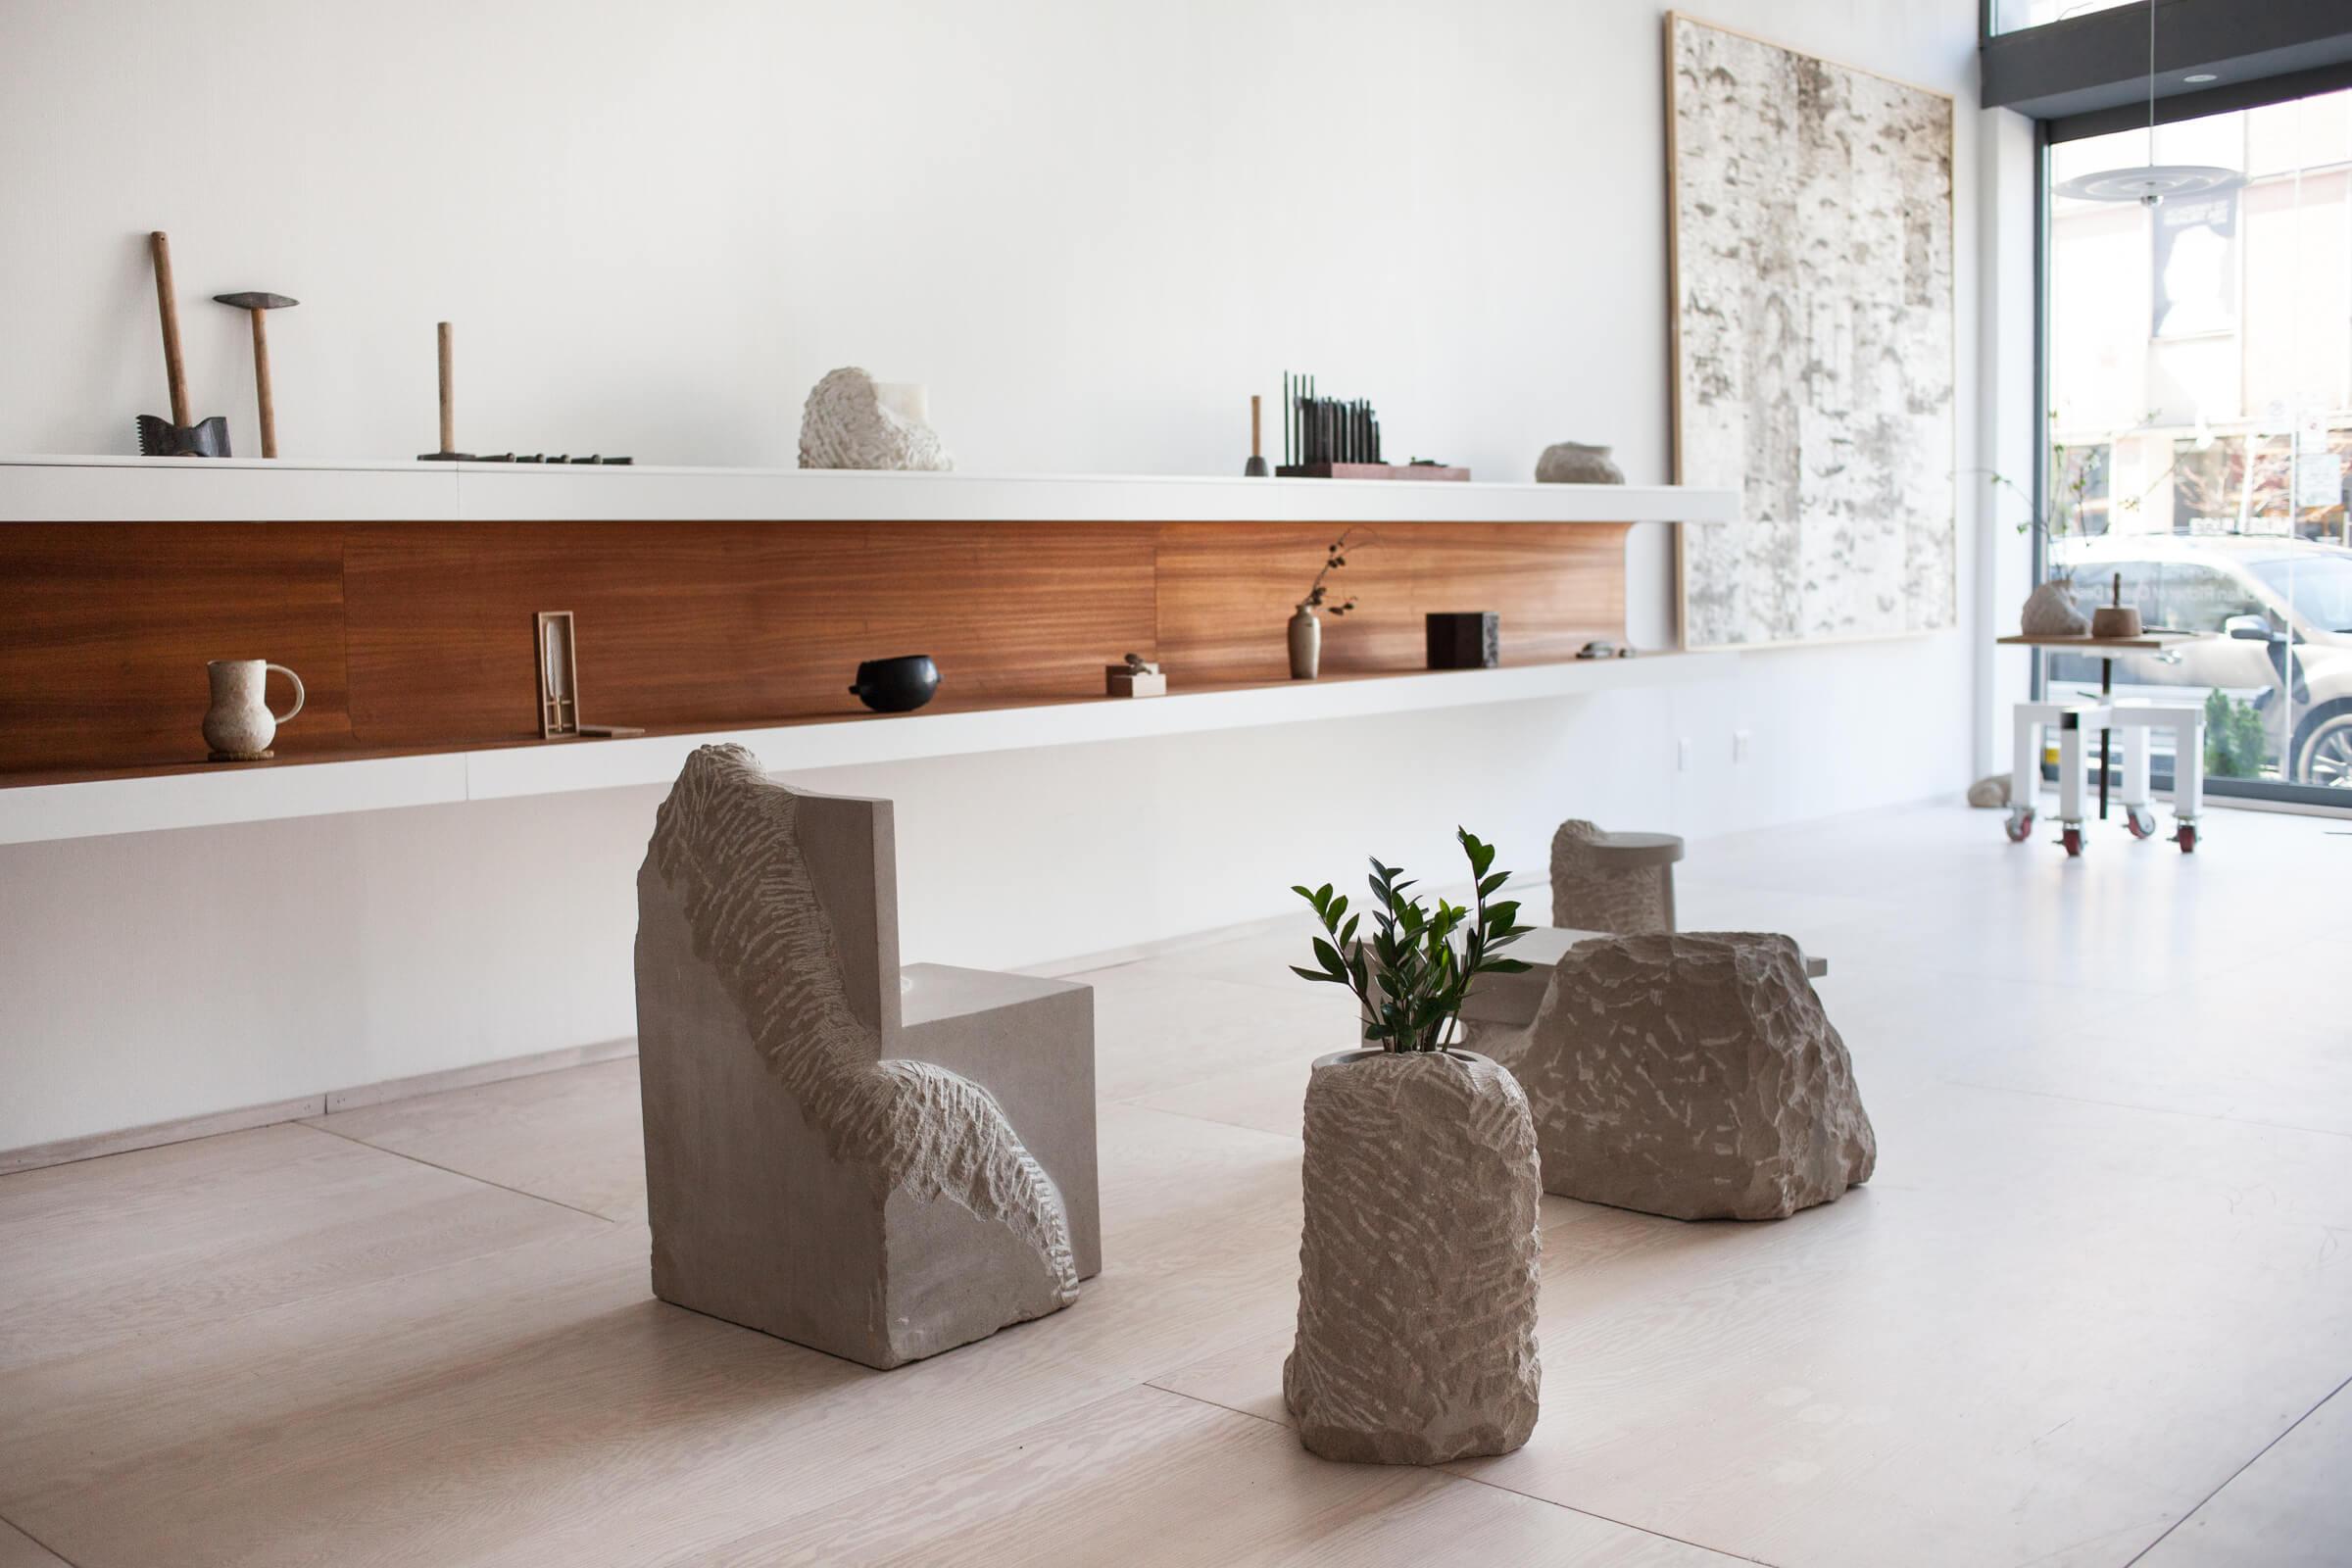 brian-richer-castor-mjolk-exhibition-2018-15